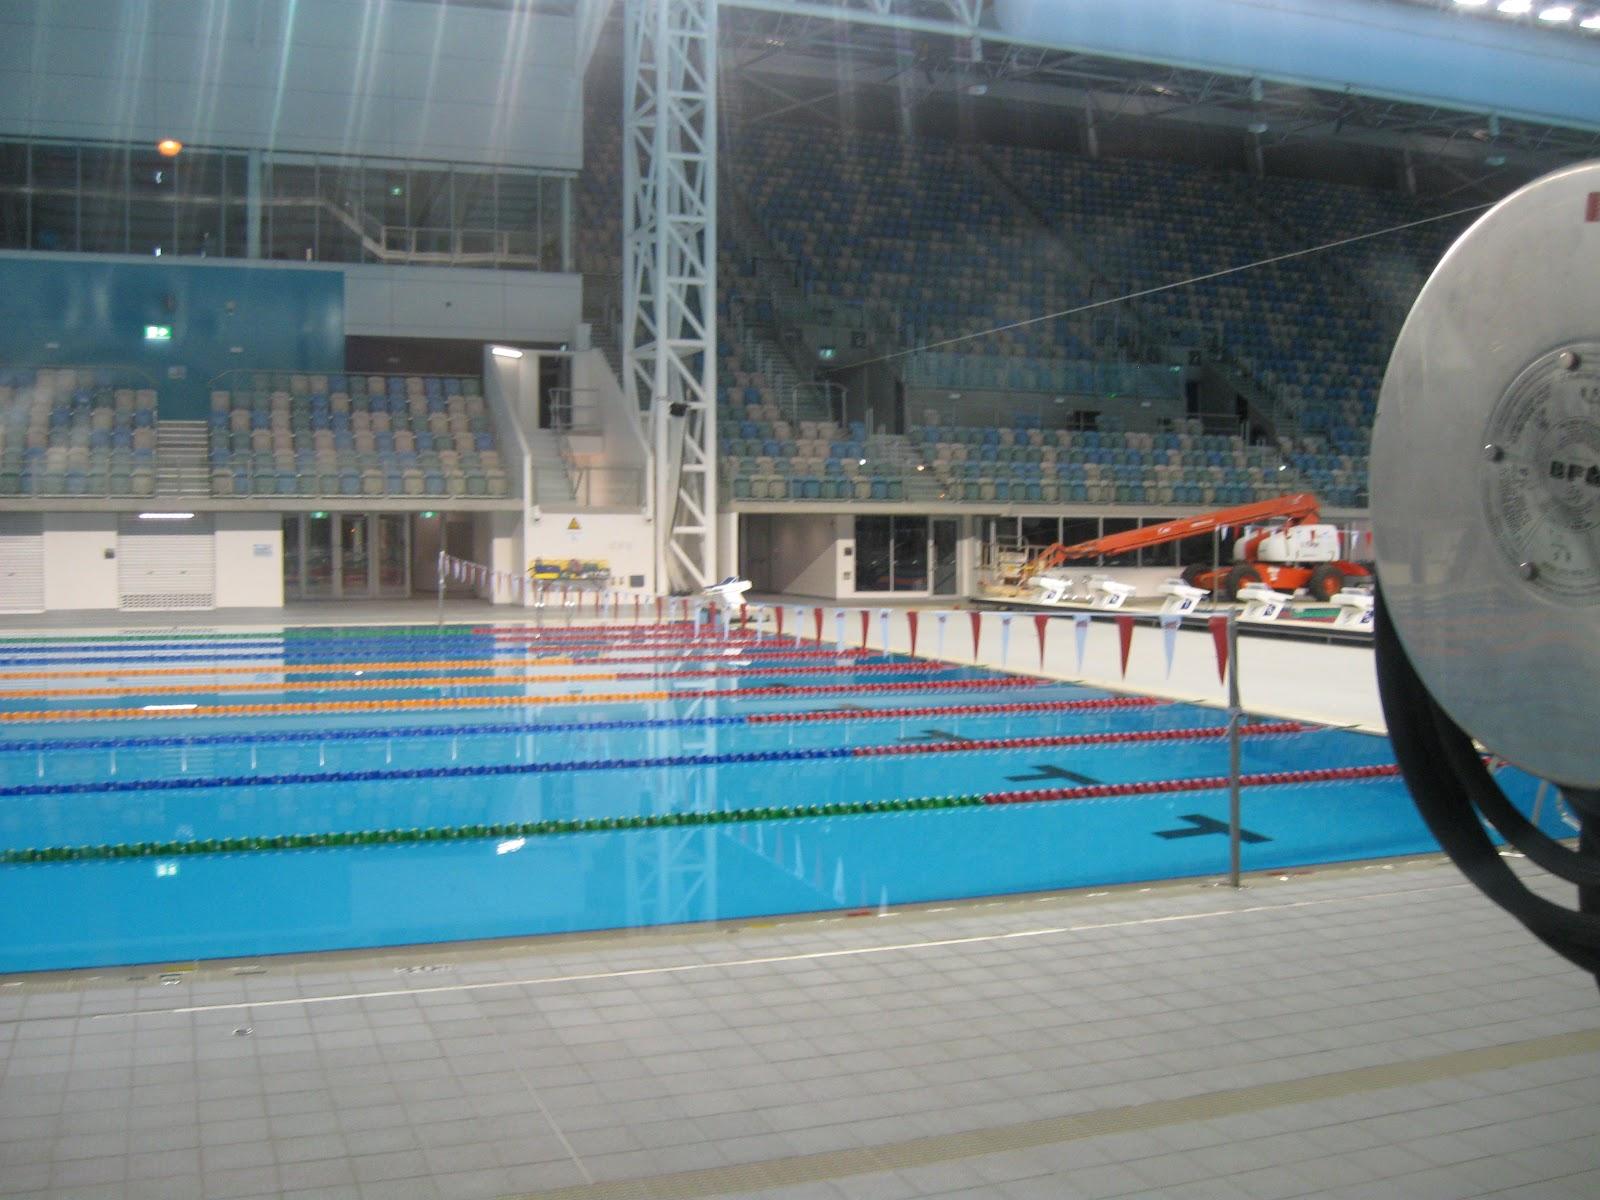 Adelaide Green Porridge Cafe The Brand New Whiz Bang Swim Centre In Marion